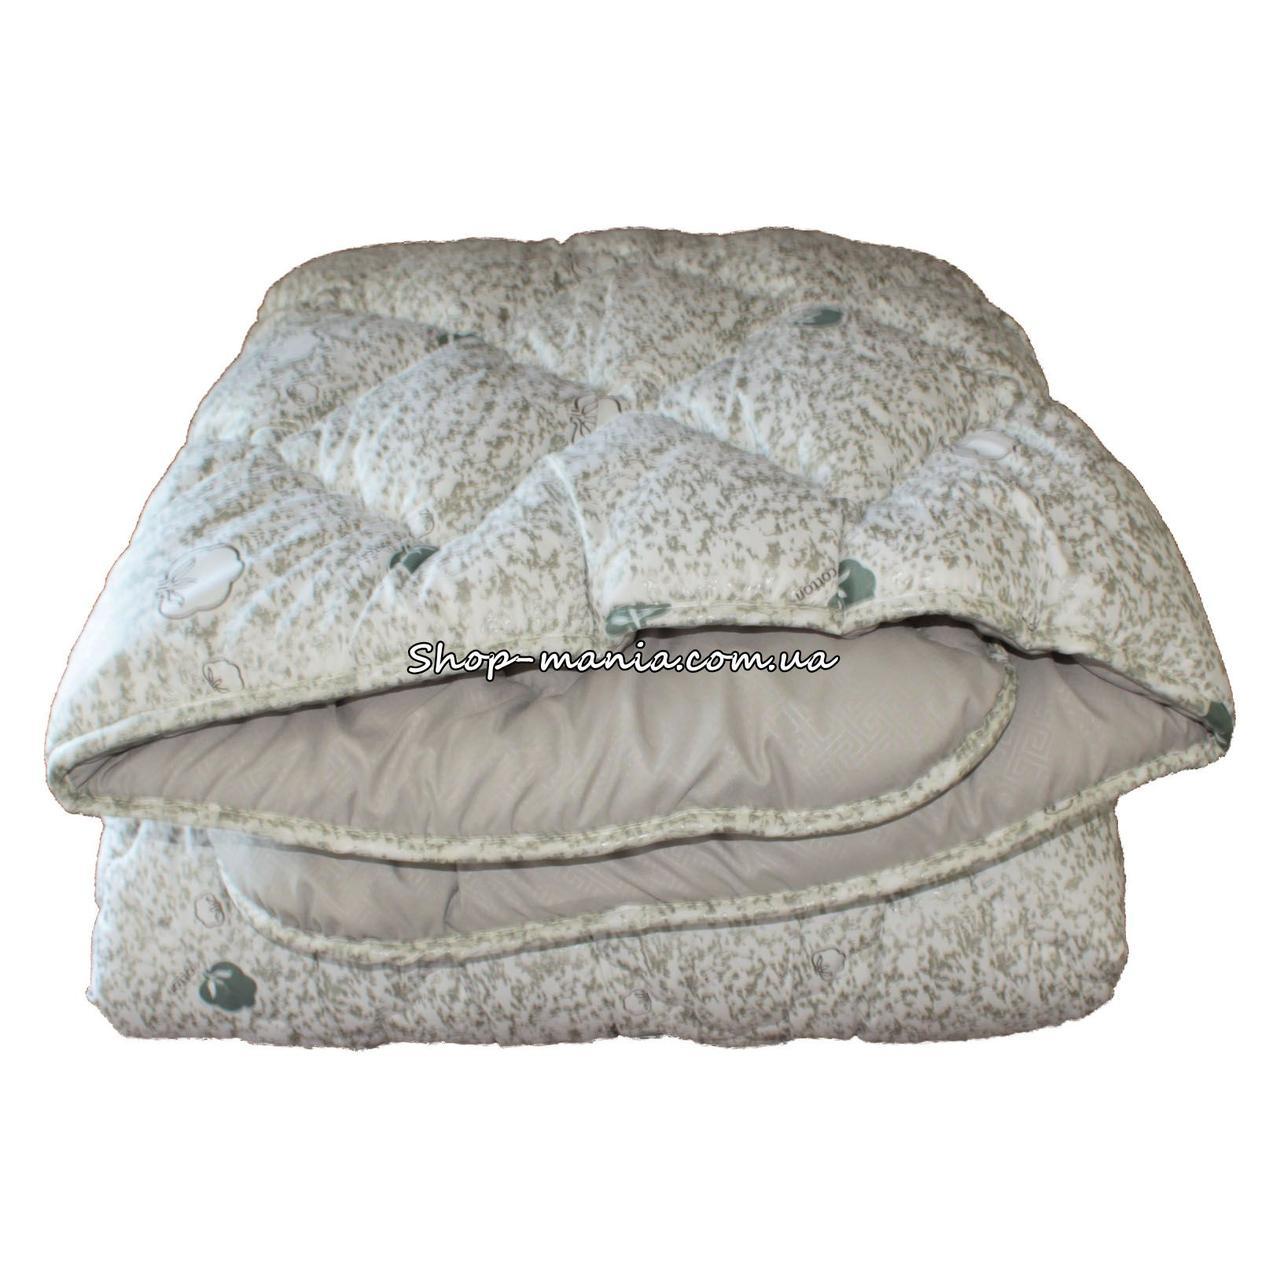 Одеяло зимнее теплое стеганное евро 200х220 см холлофайбер ODA SM 8005 white and grey